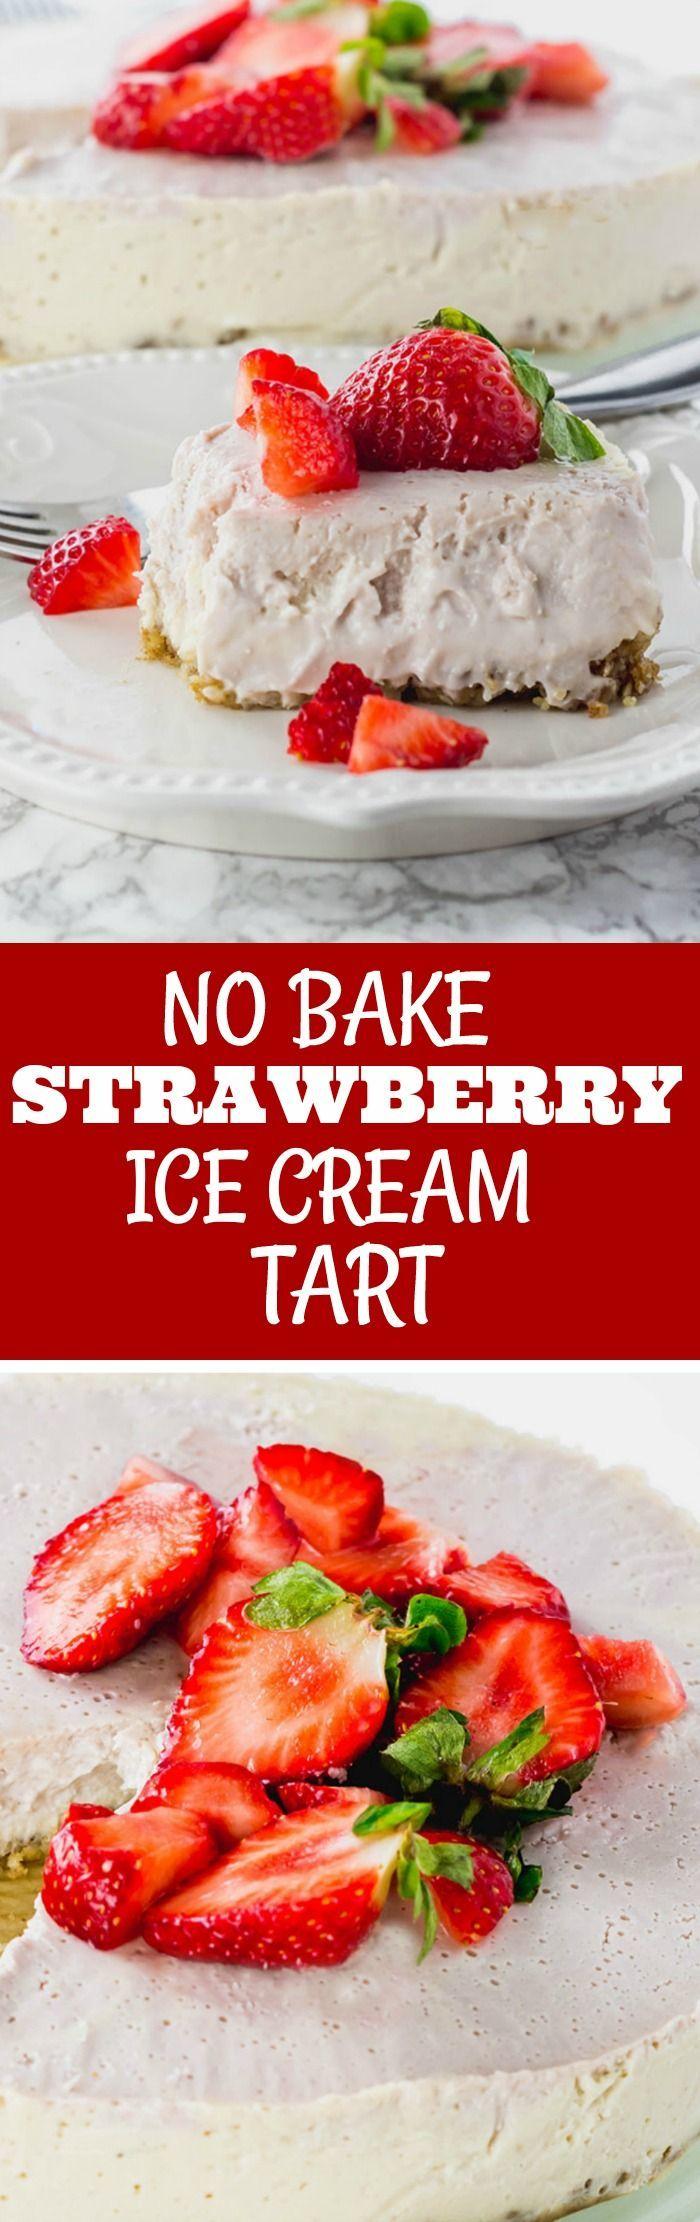 No Bake Strawberry Ice Cream Cheese Cake Vegan Gluten Free